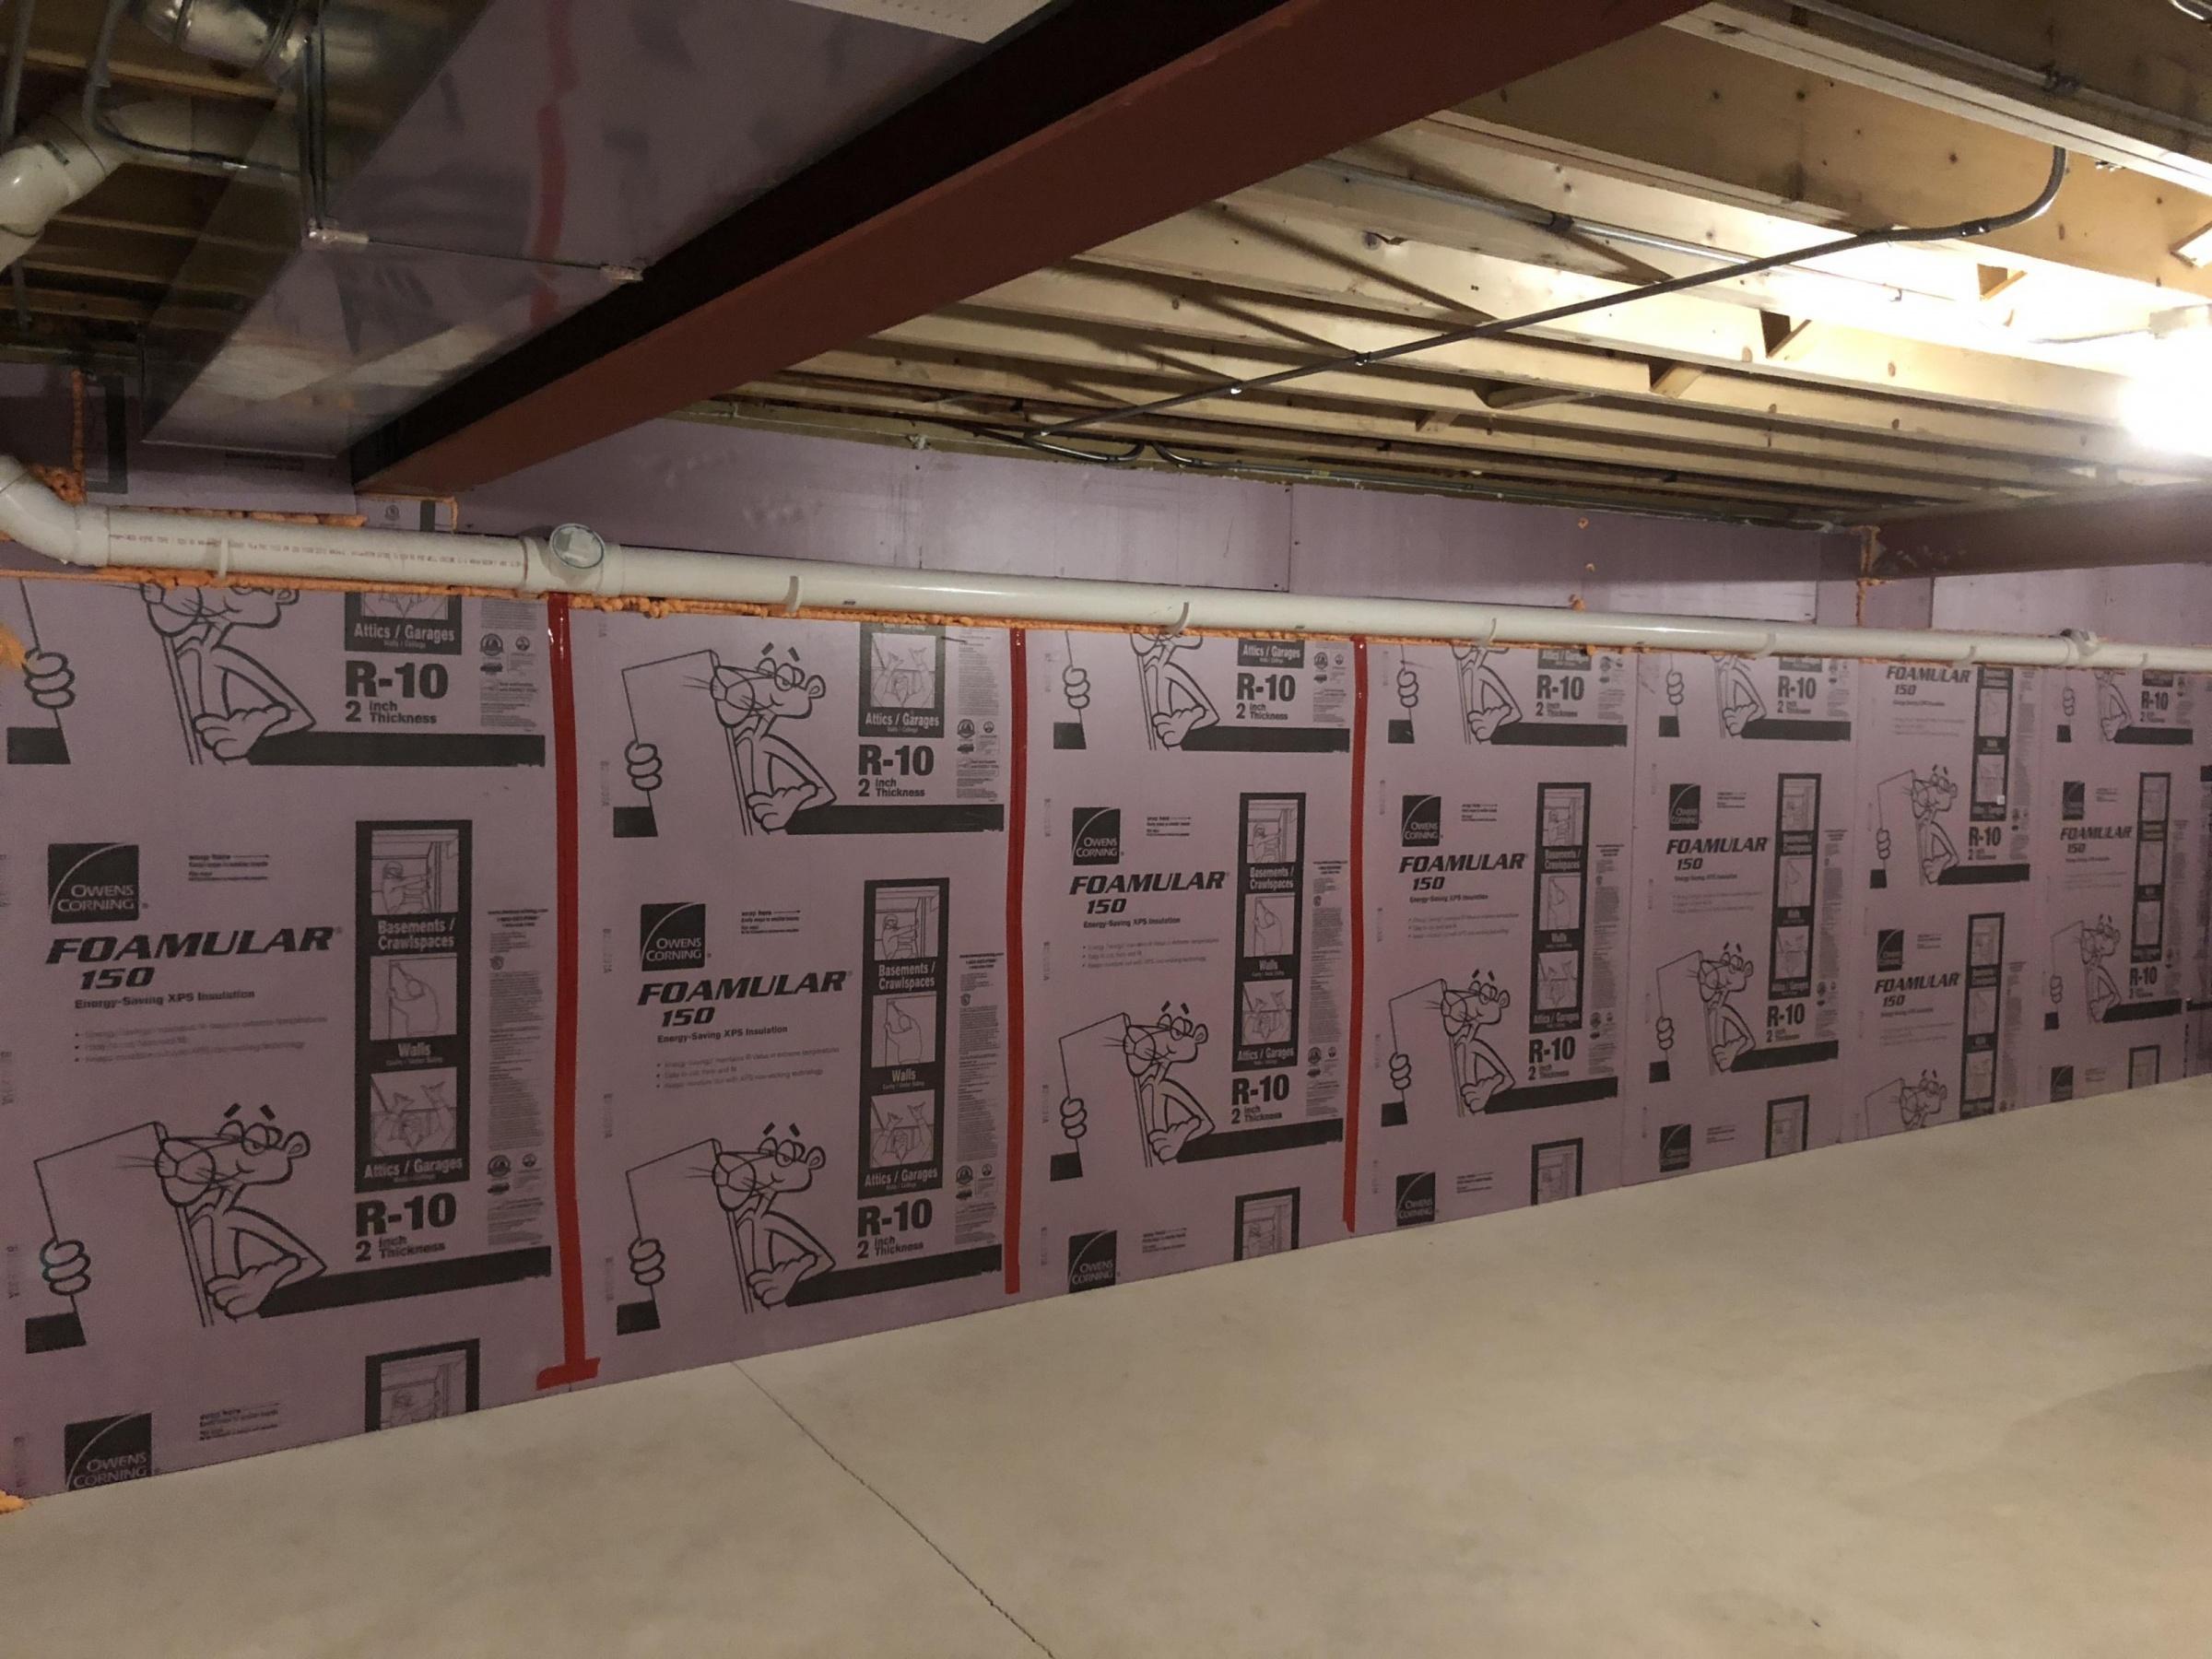 Drywalling insulated basement (additional insulation or no?)-94390b71-b5b1-4b0a-ae26-f004dac51ef3_1549918165195.jpg